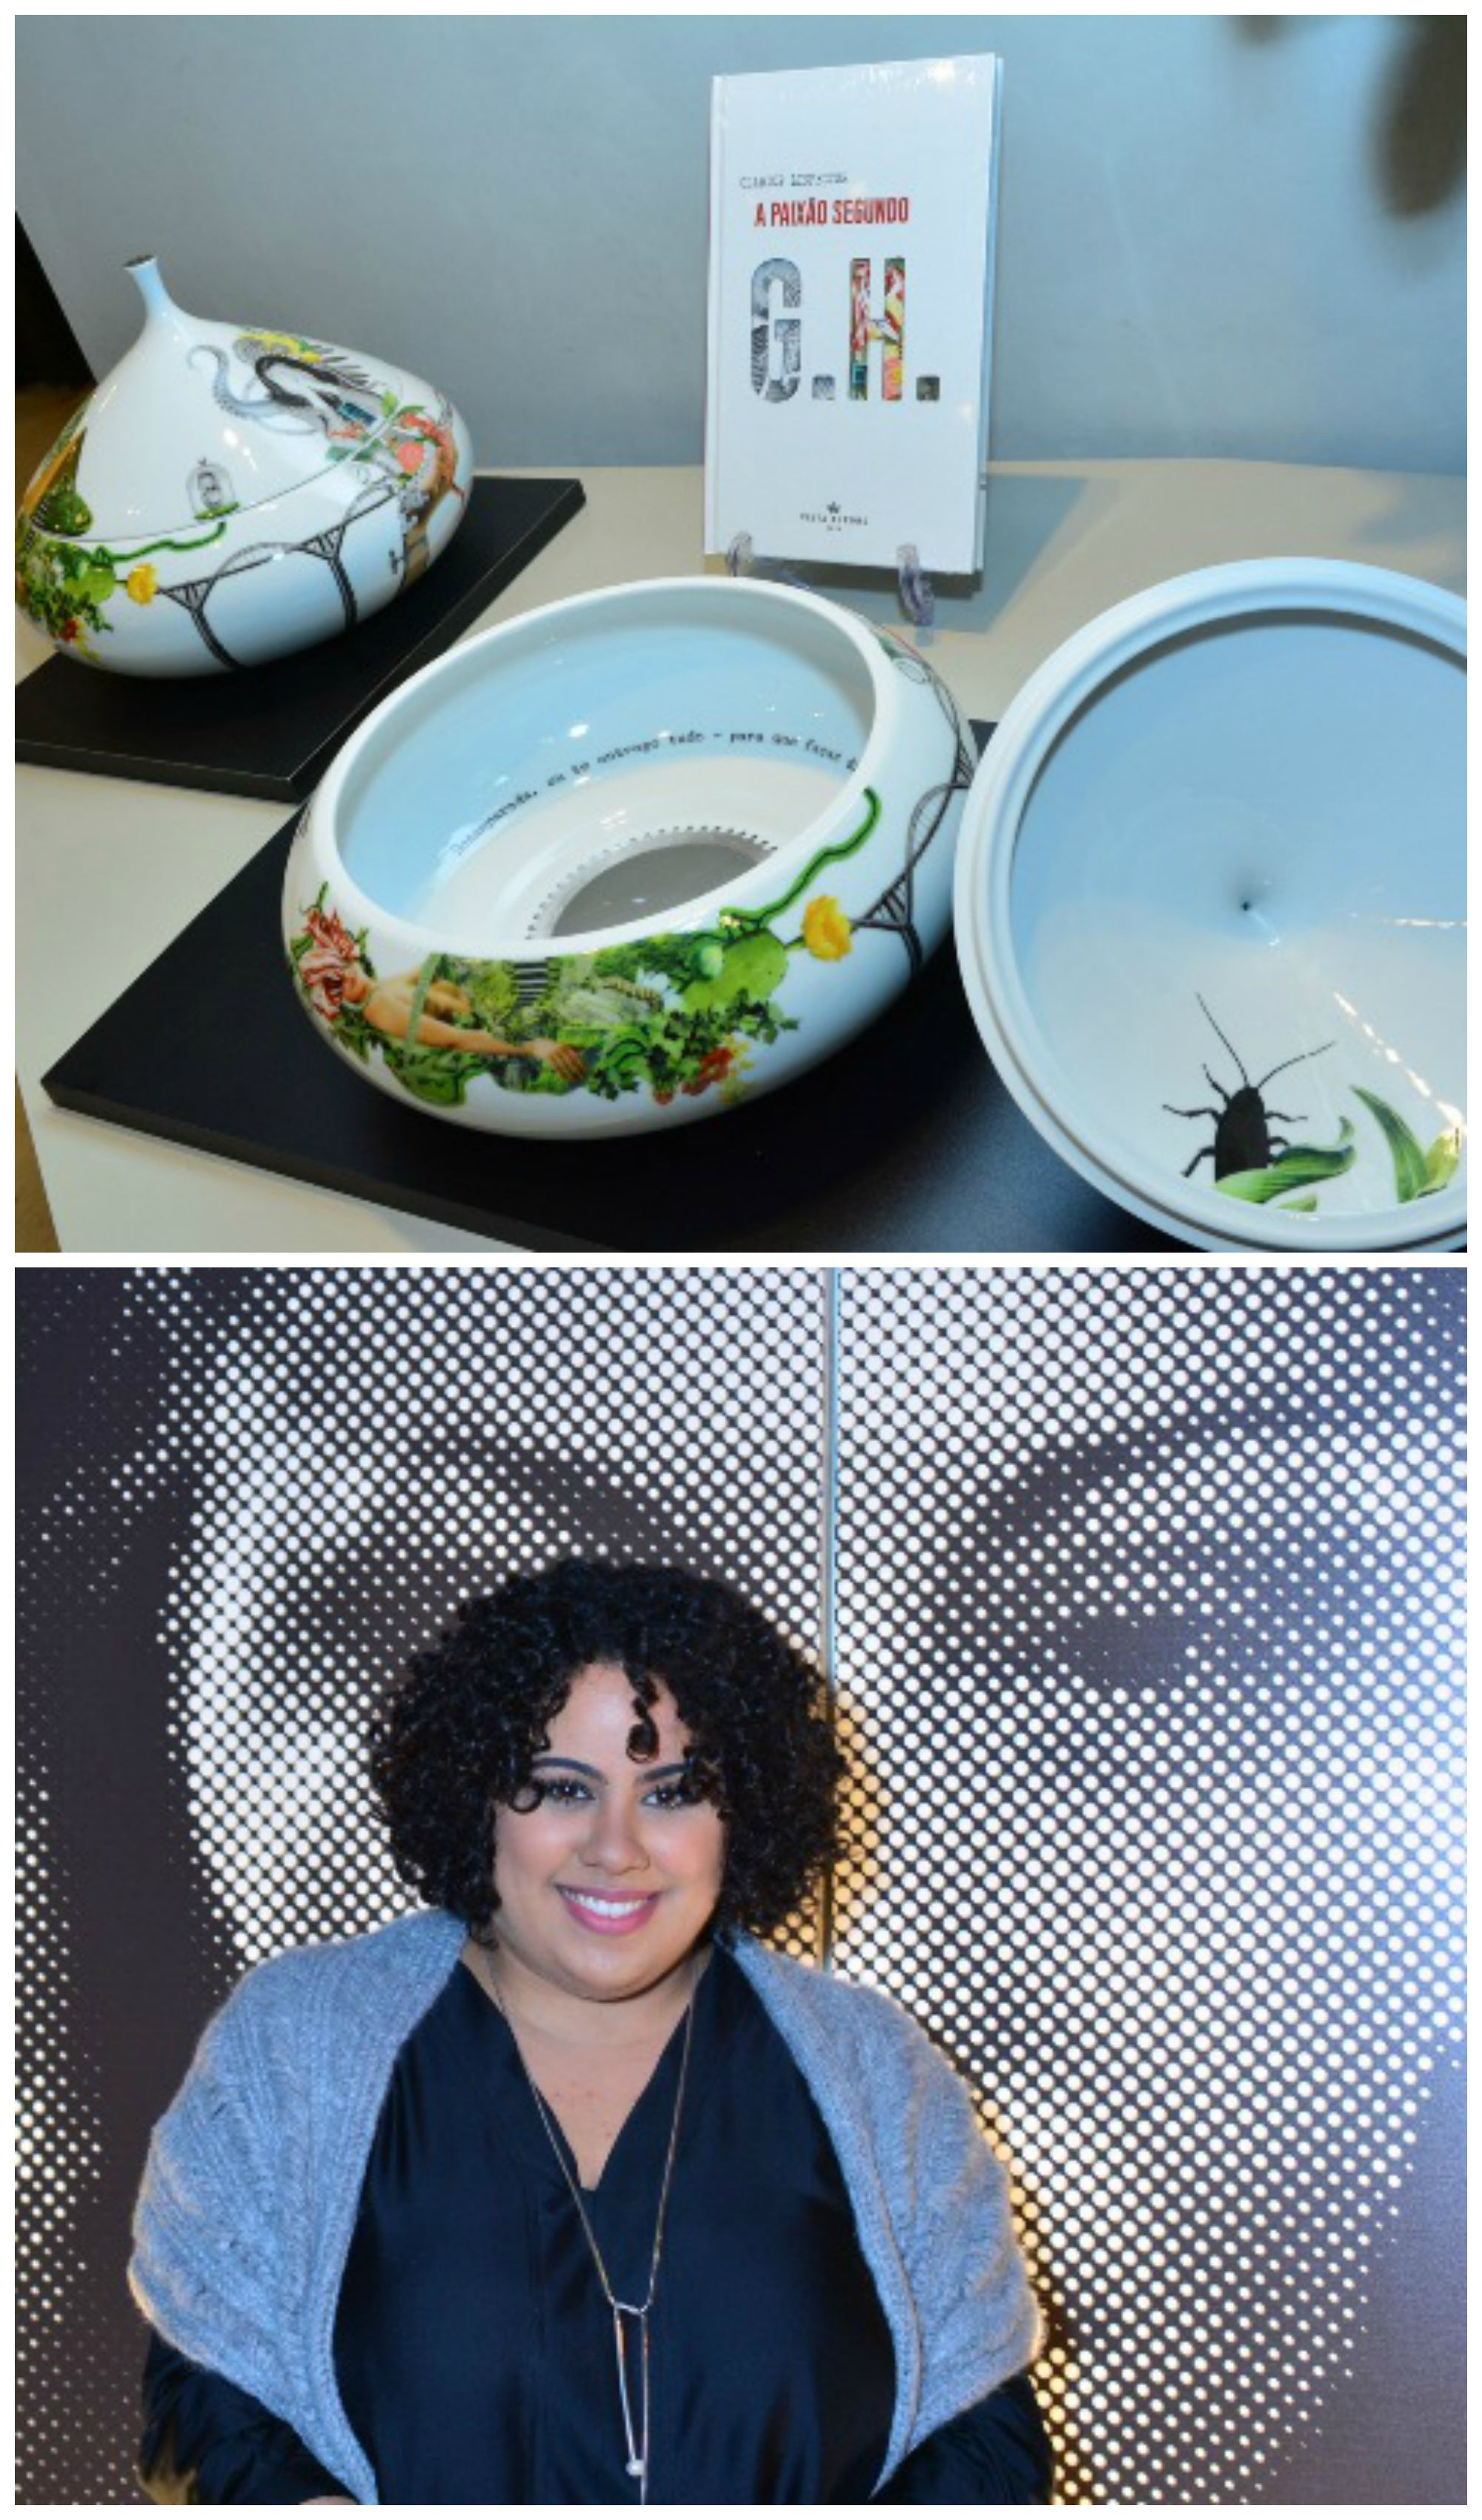 No alto, a coleção de porcelanas em homenagem a Clarice Lispector - a barata está na peça do canto direito; acima, a neta da escritora, Mariana Valente / Fotos: Iara Morselli